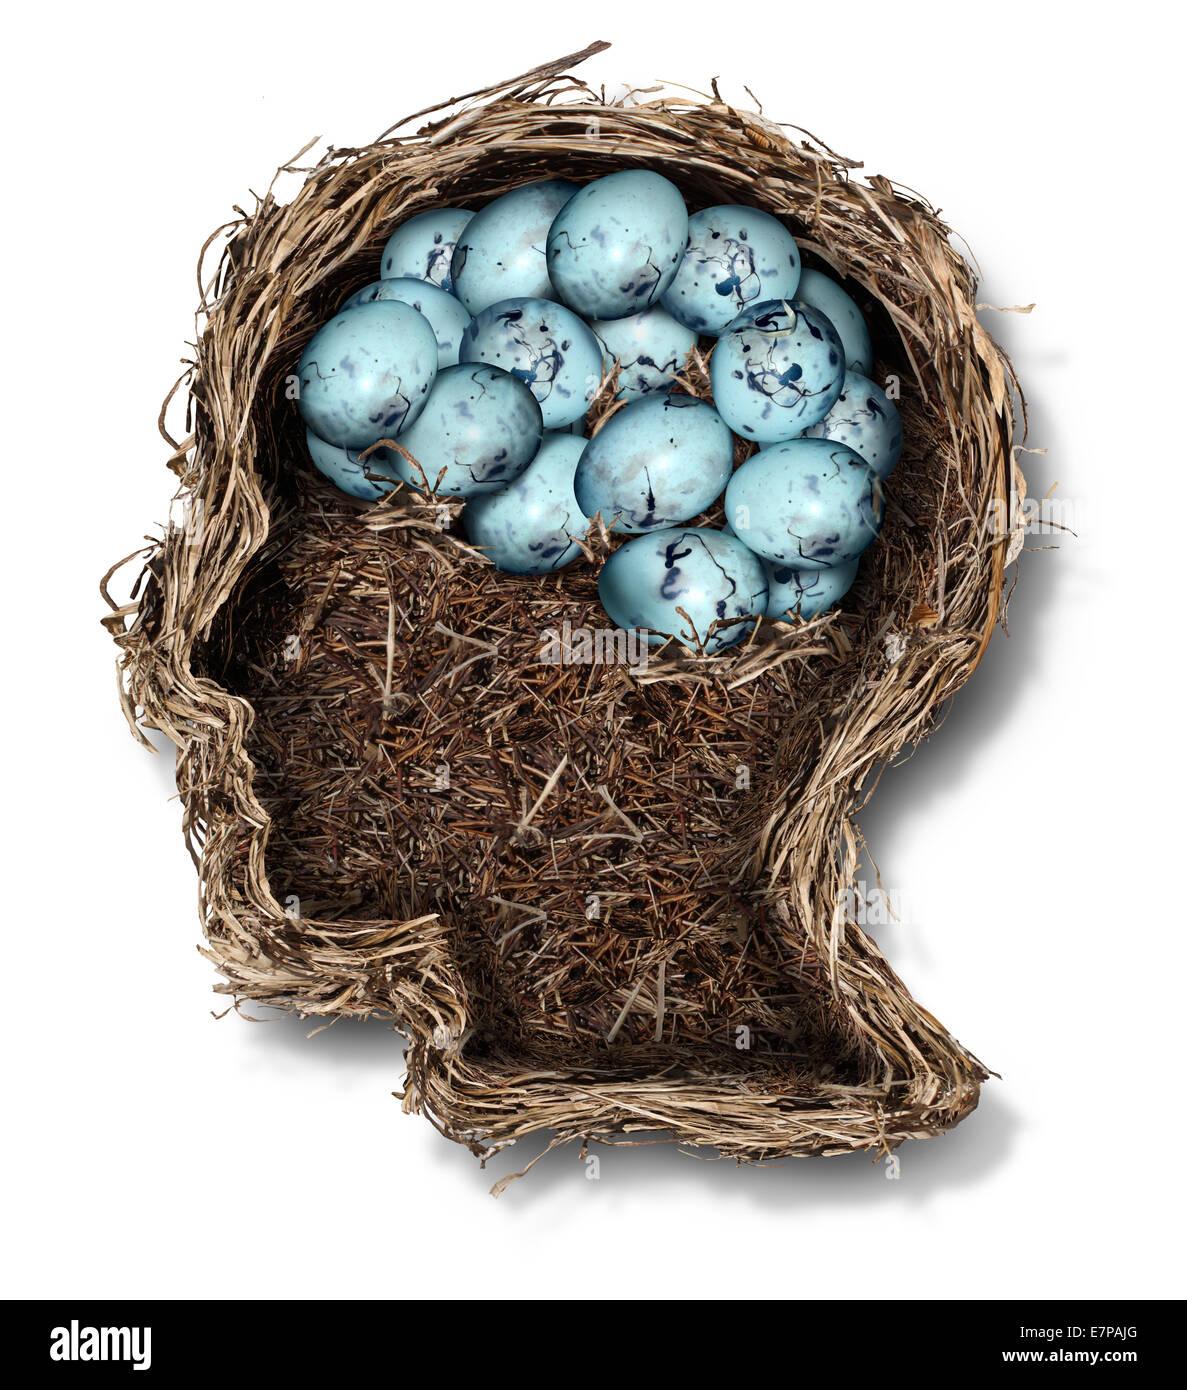 La protection de la santé mentale du cerveau concept comme un nid d'oiseau en forme de tête humaine Photo Stock